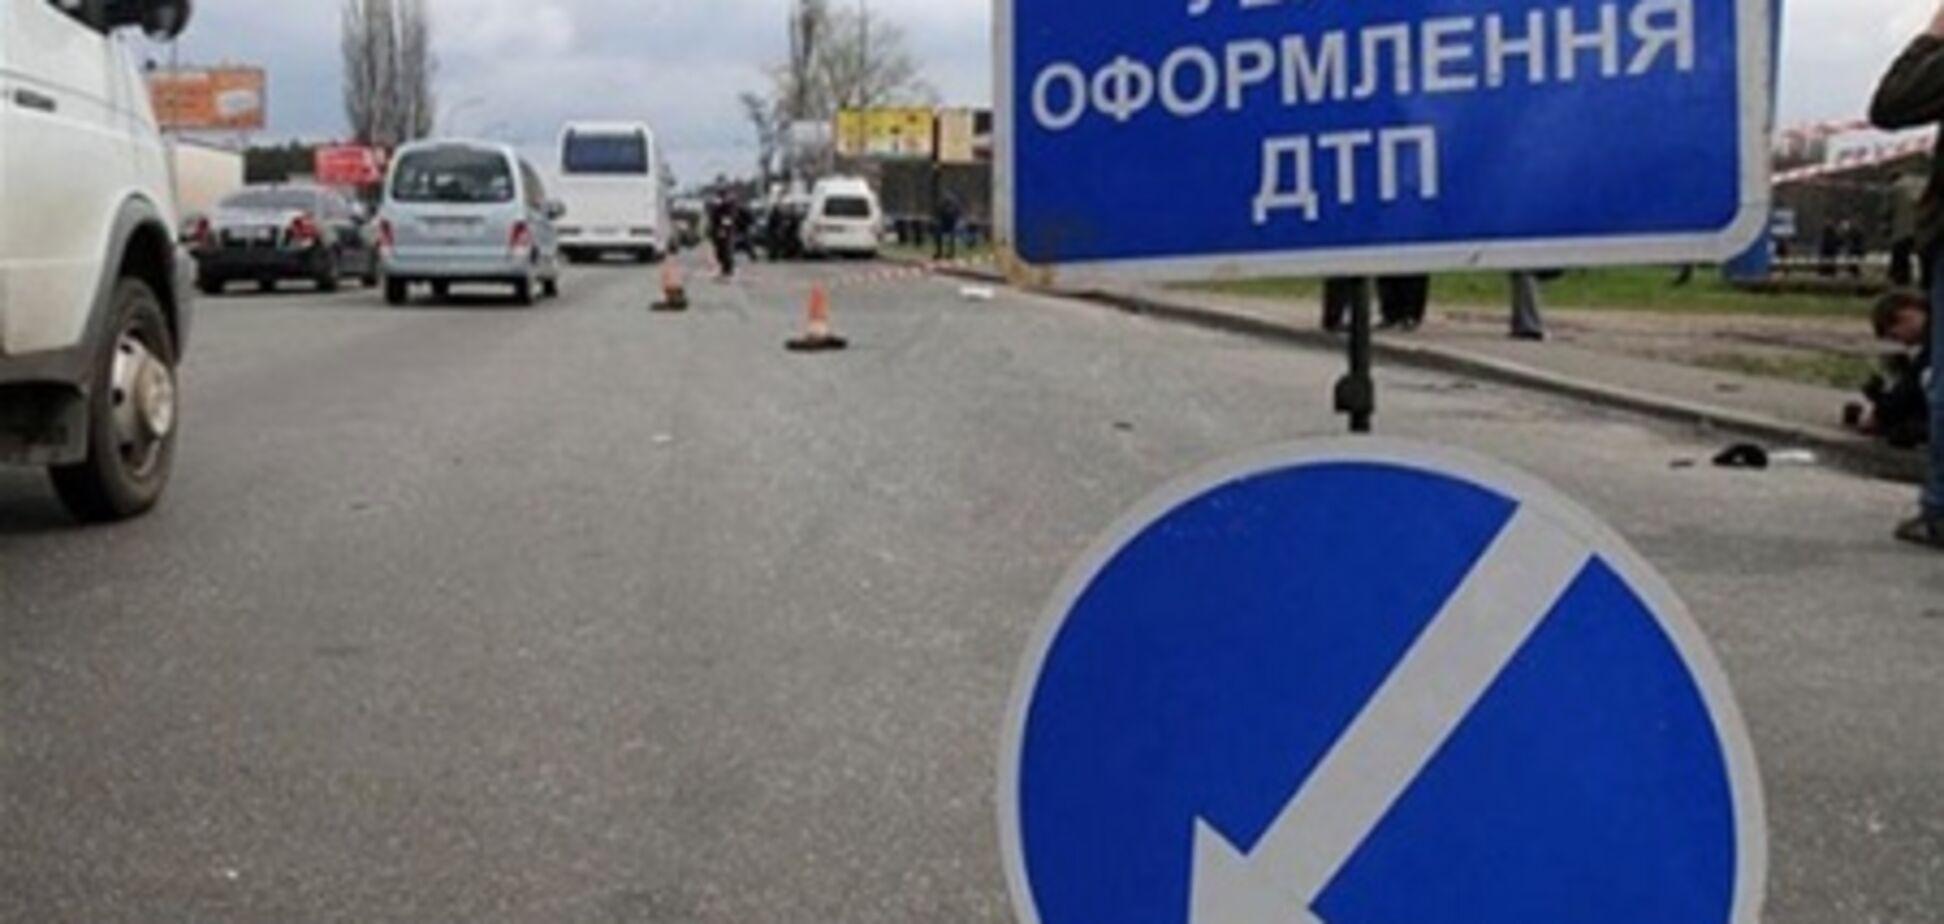 В Крыму рейсовый автобус столкнулся с легковым авто